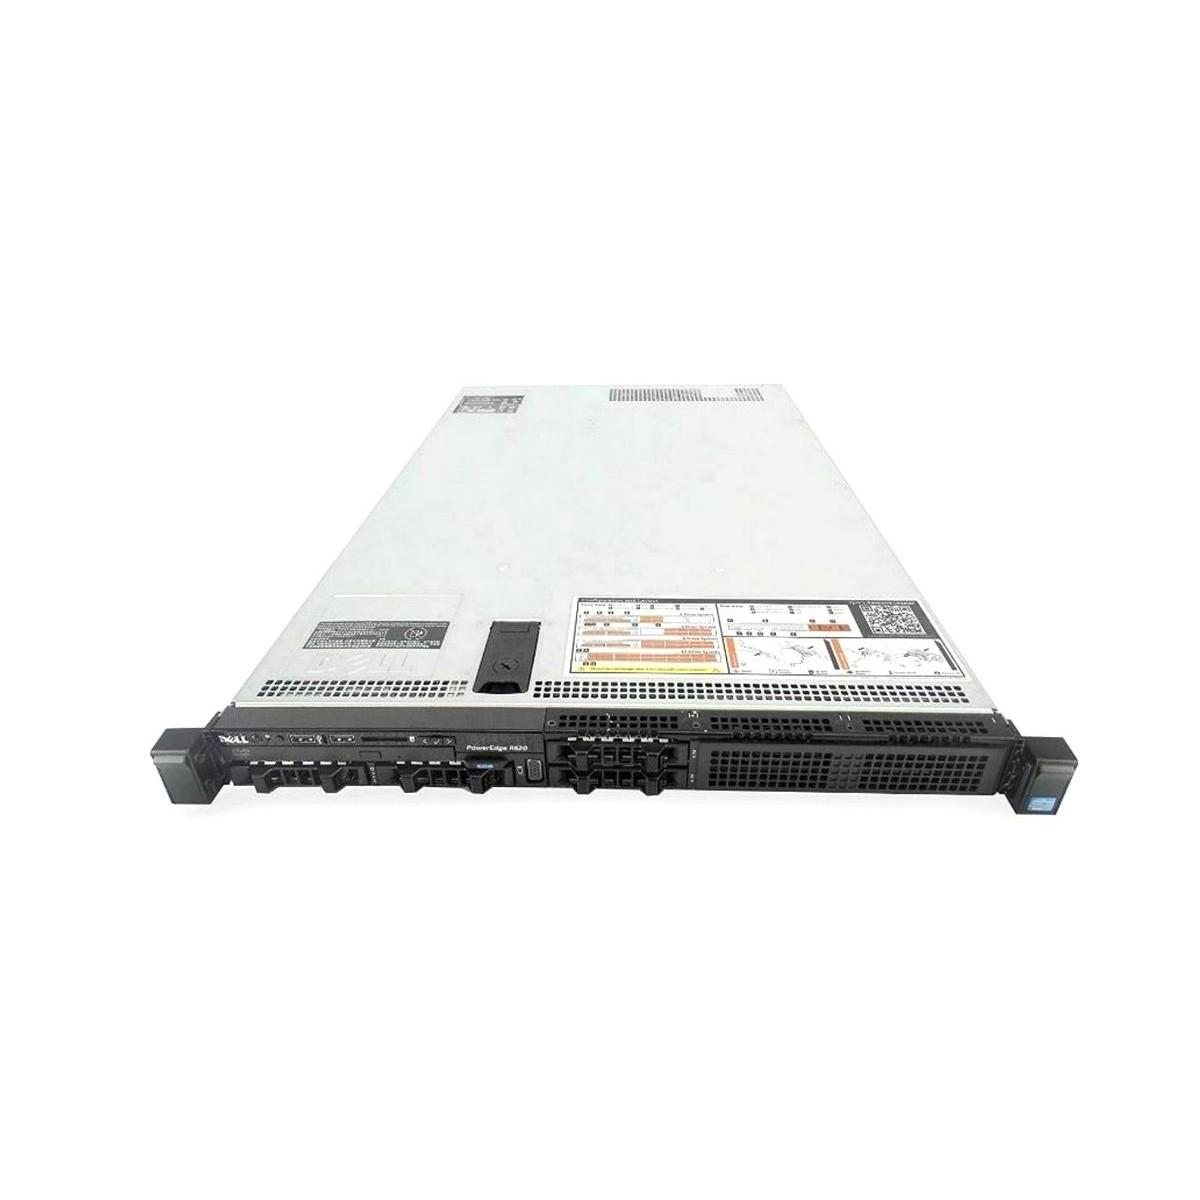 DELL R620 2xE5-2650 32GB 4x900GB SAS 2xPSU H310